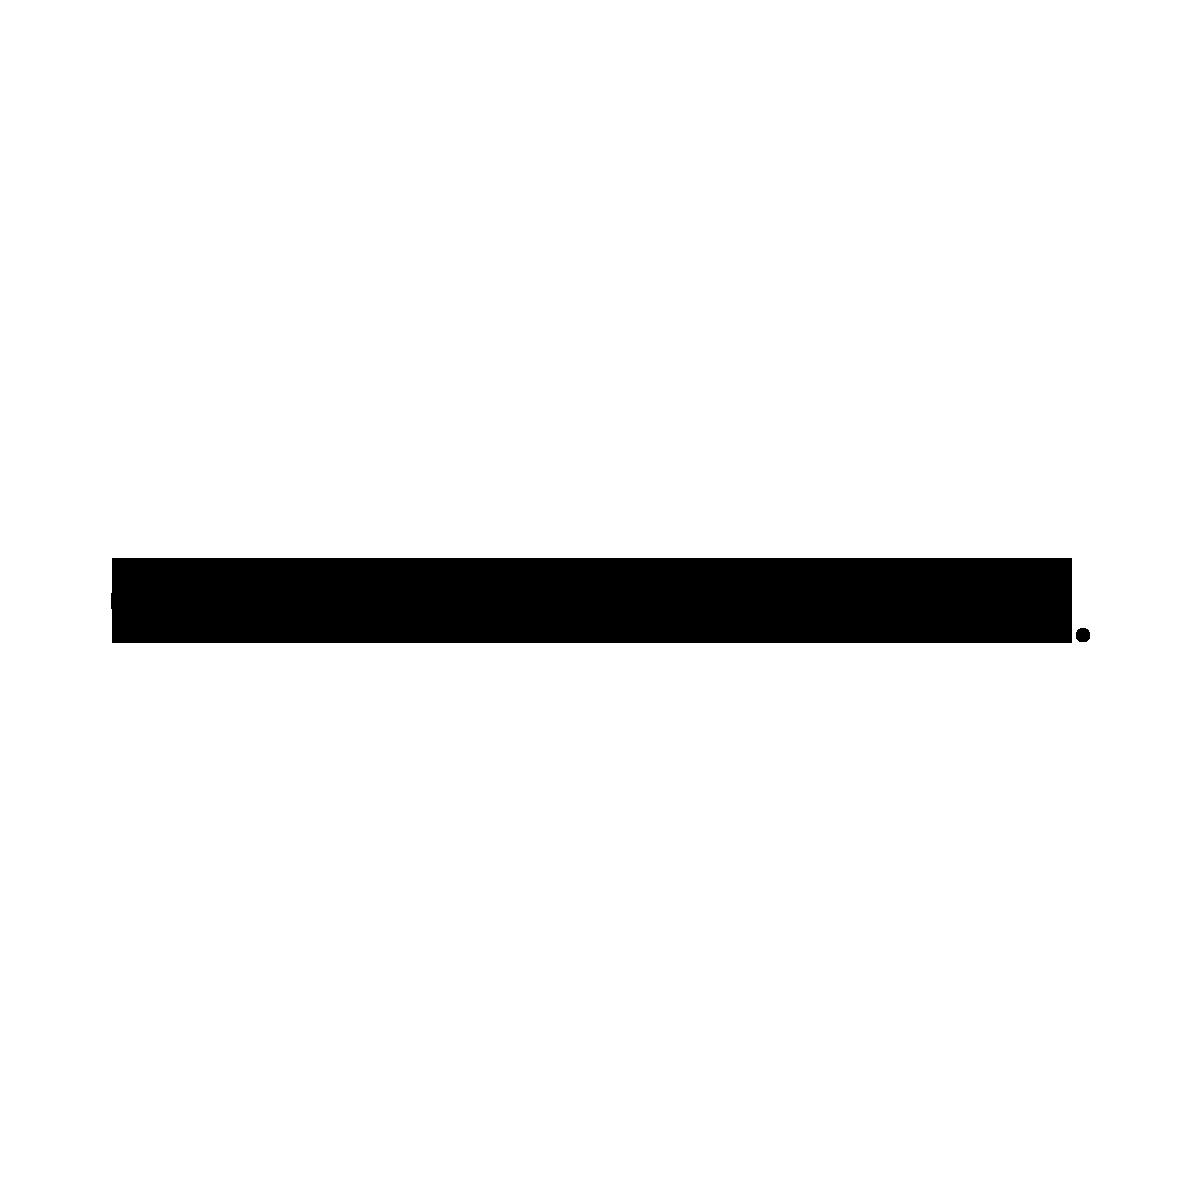 zwarte fred de la bretoniere enkellaars 183010041 met voering, hoge hak en ritssluiting detail zool